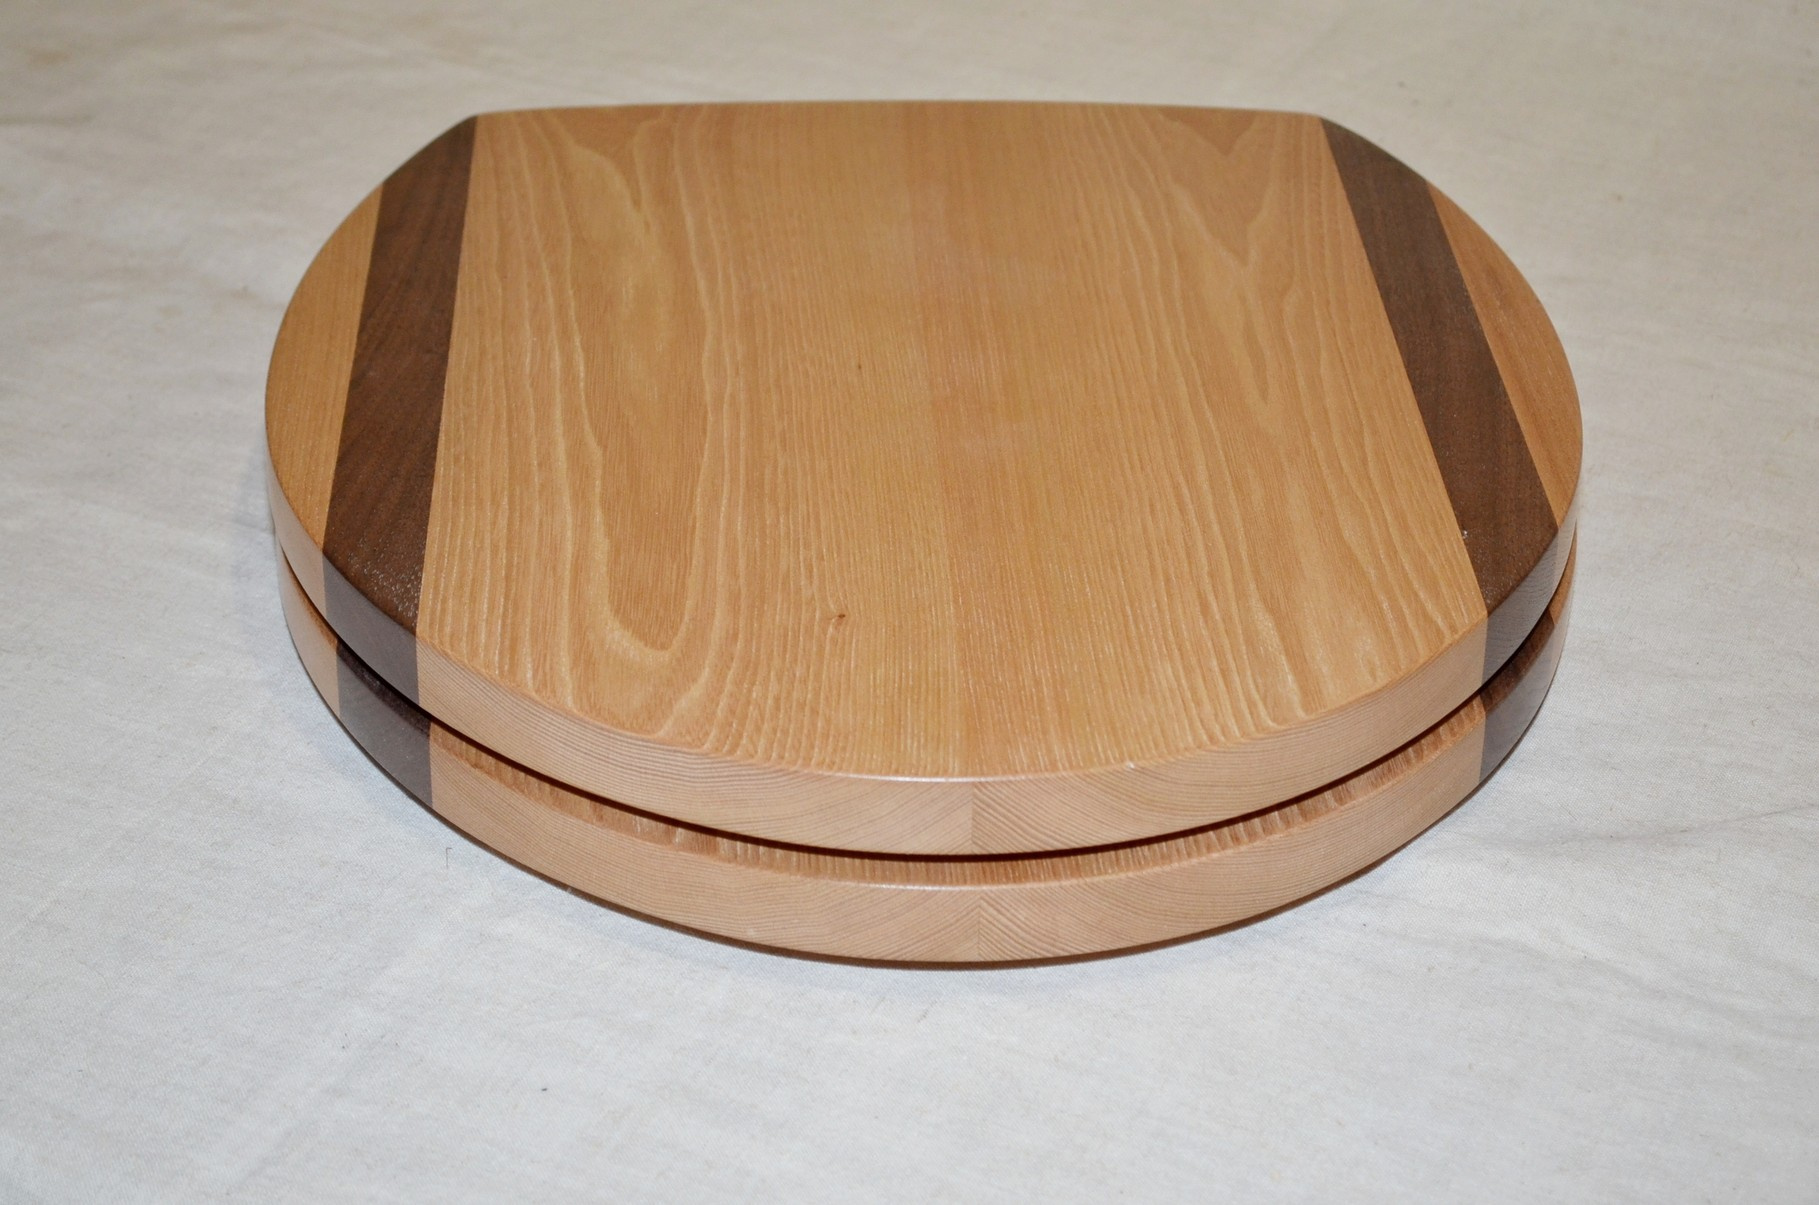 wc sitze barnerwood hochwertige holzprodukte. Black Bedroom Furniture Sets. Home Design Ideas